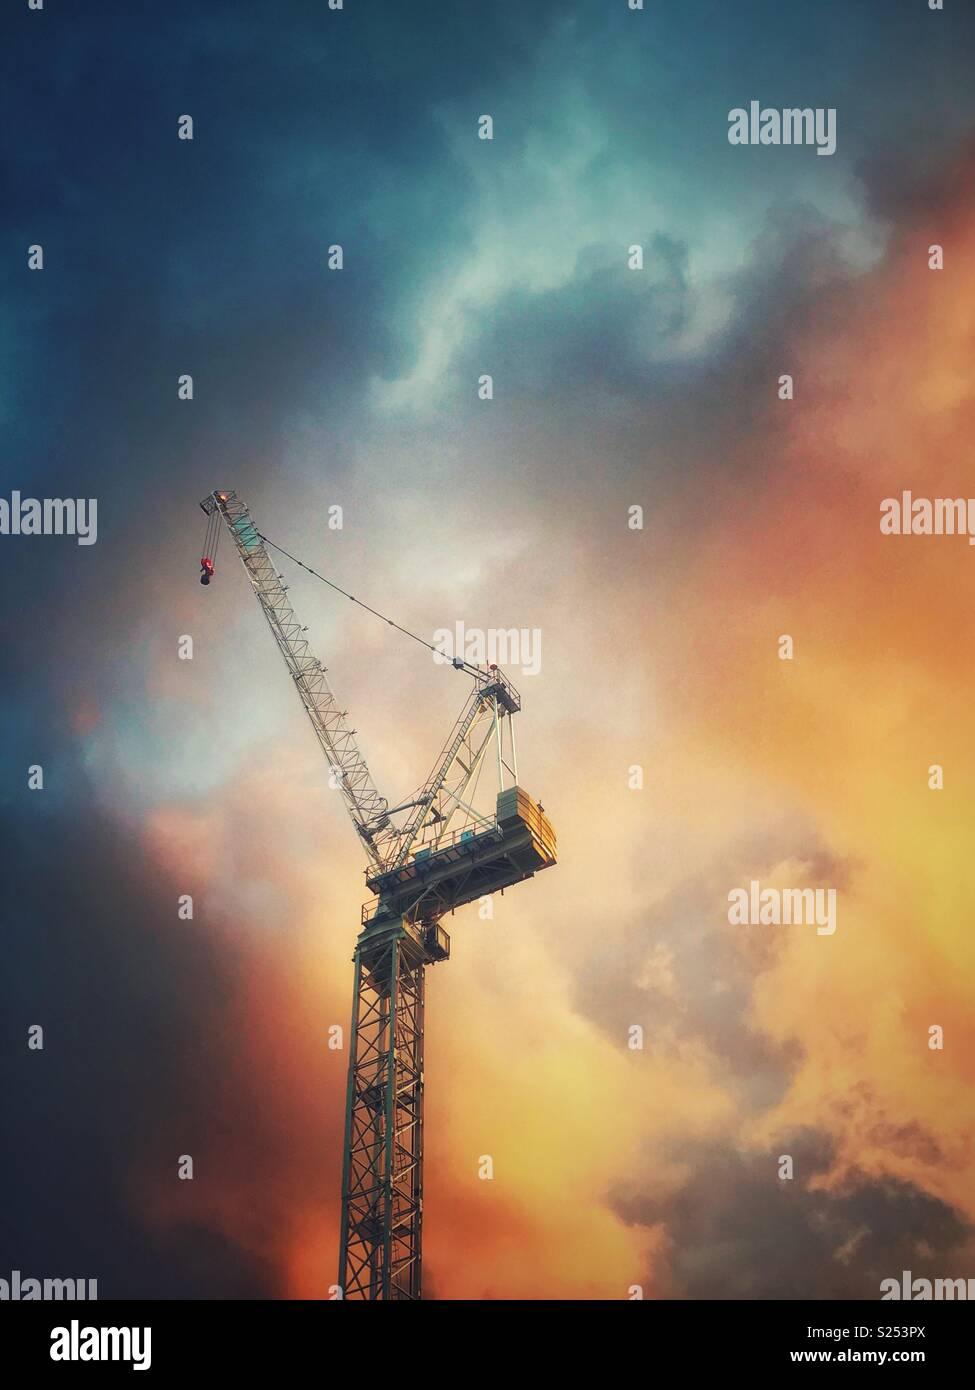 Una grúa en la ciudad de Londres contra un cielo de colores brillantes Imagen De Stock